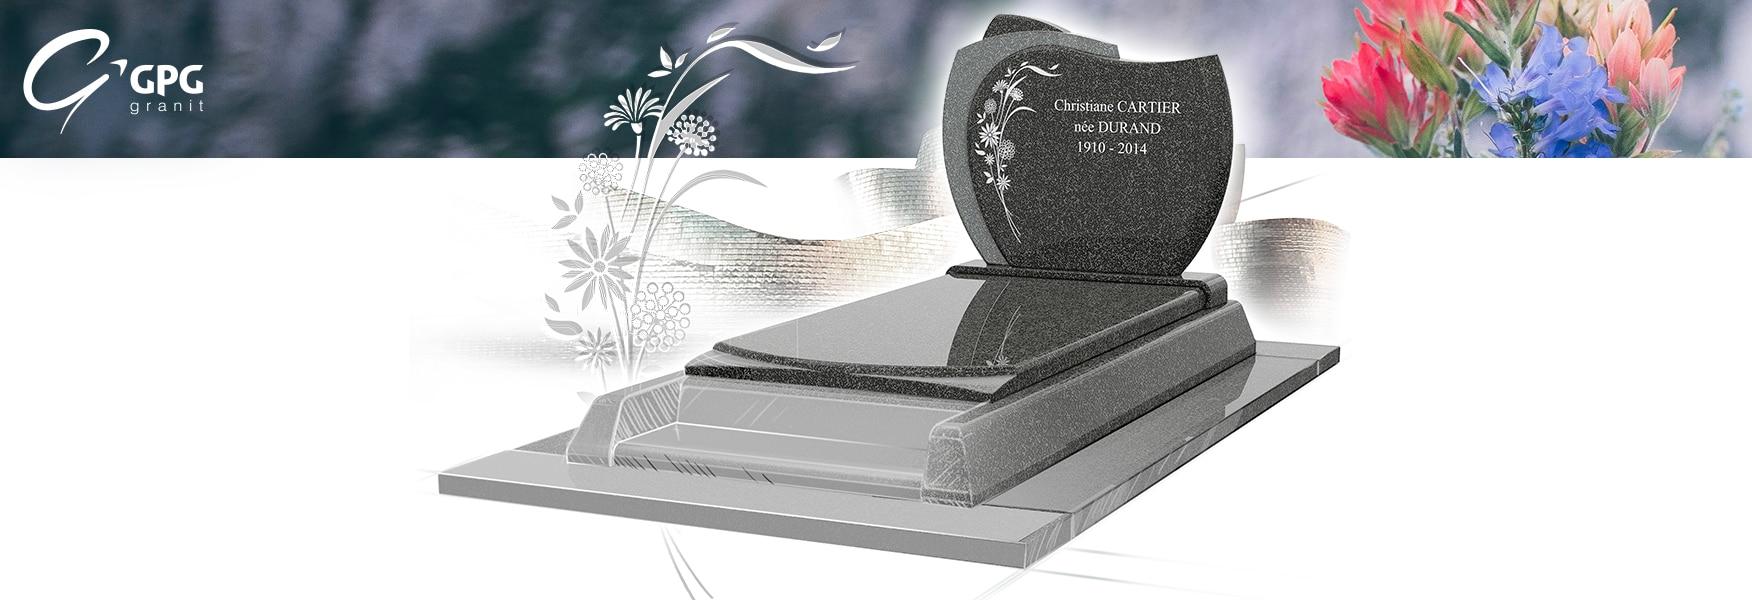 GPG 189, un monument funéraire en mouvement